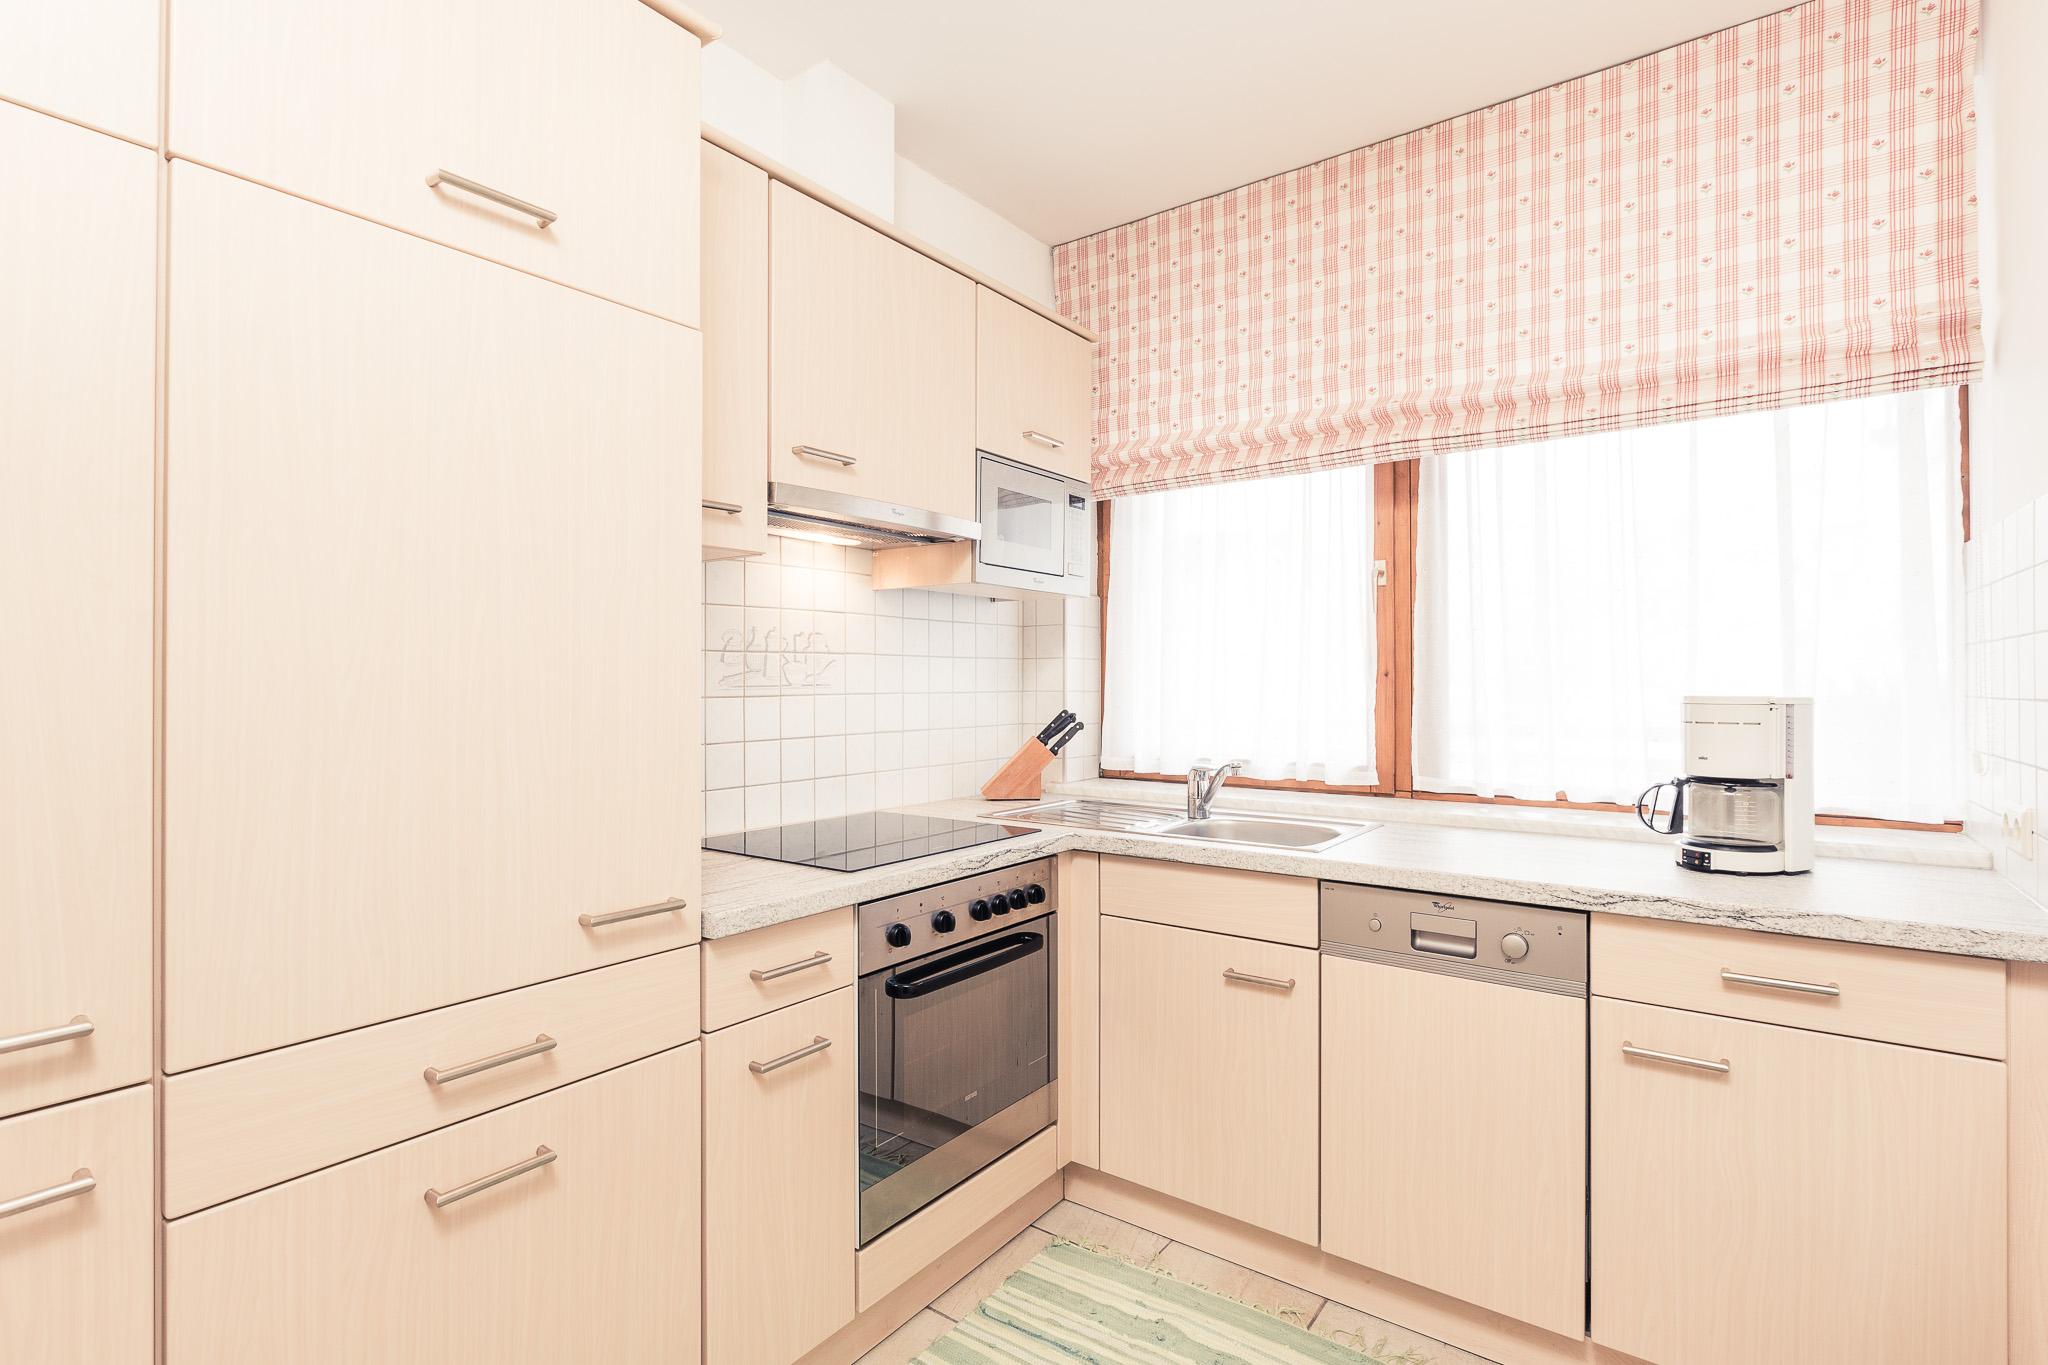 Appartement in Soelden